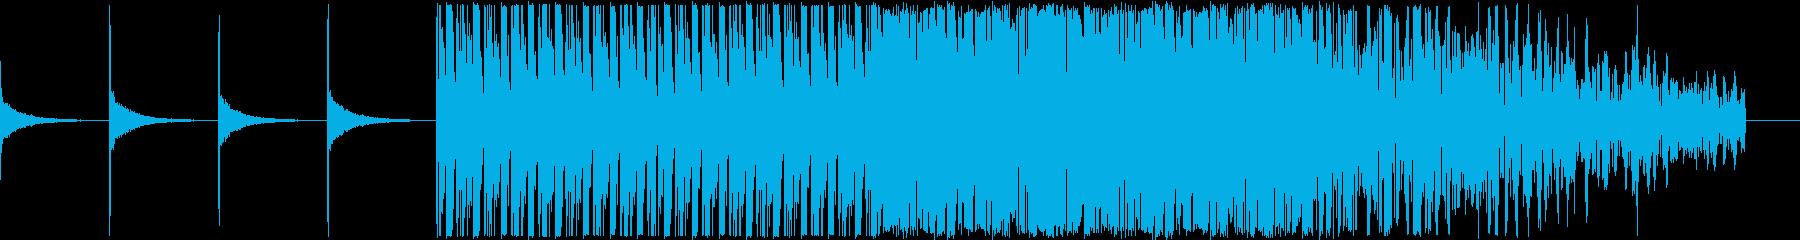 浮遊感ある中にノイズが混ざった電脳音楽の再生済みの波形